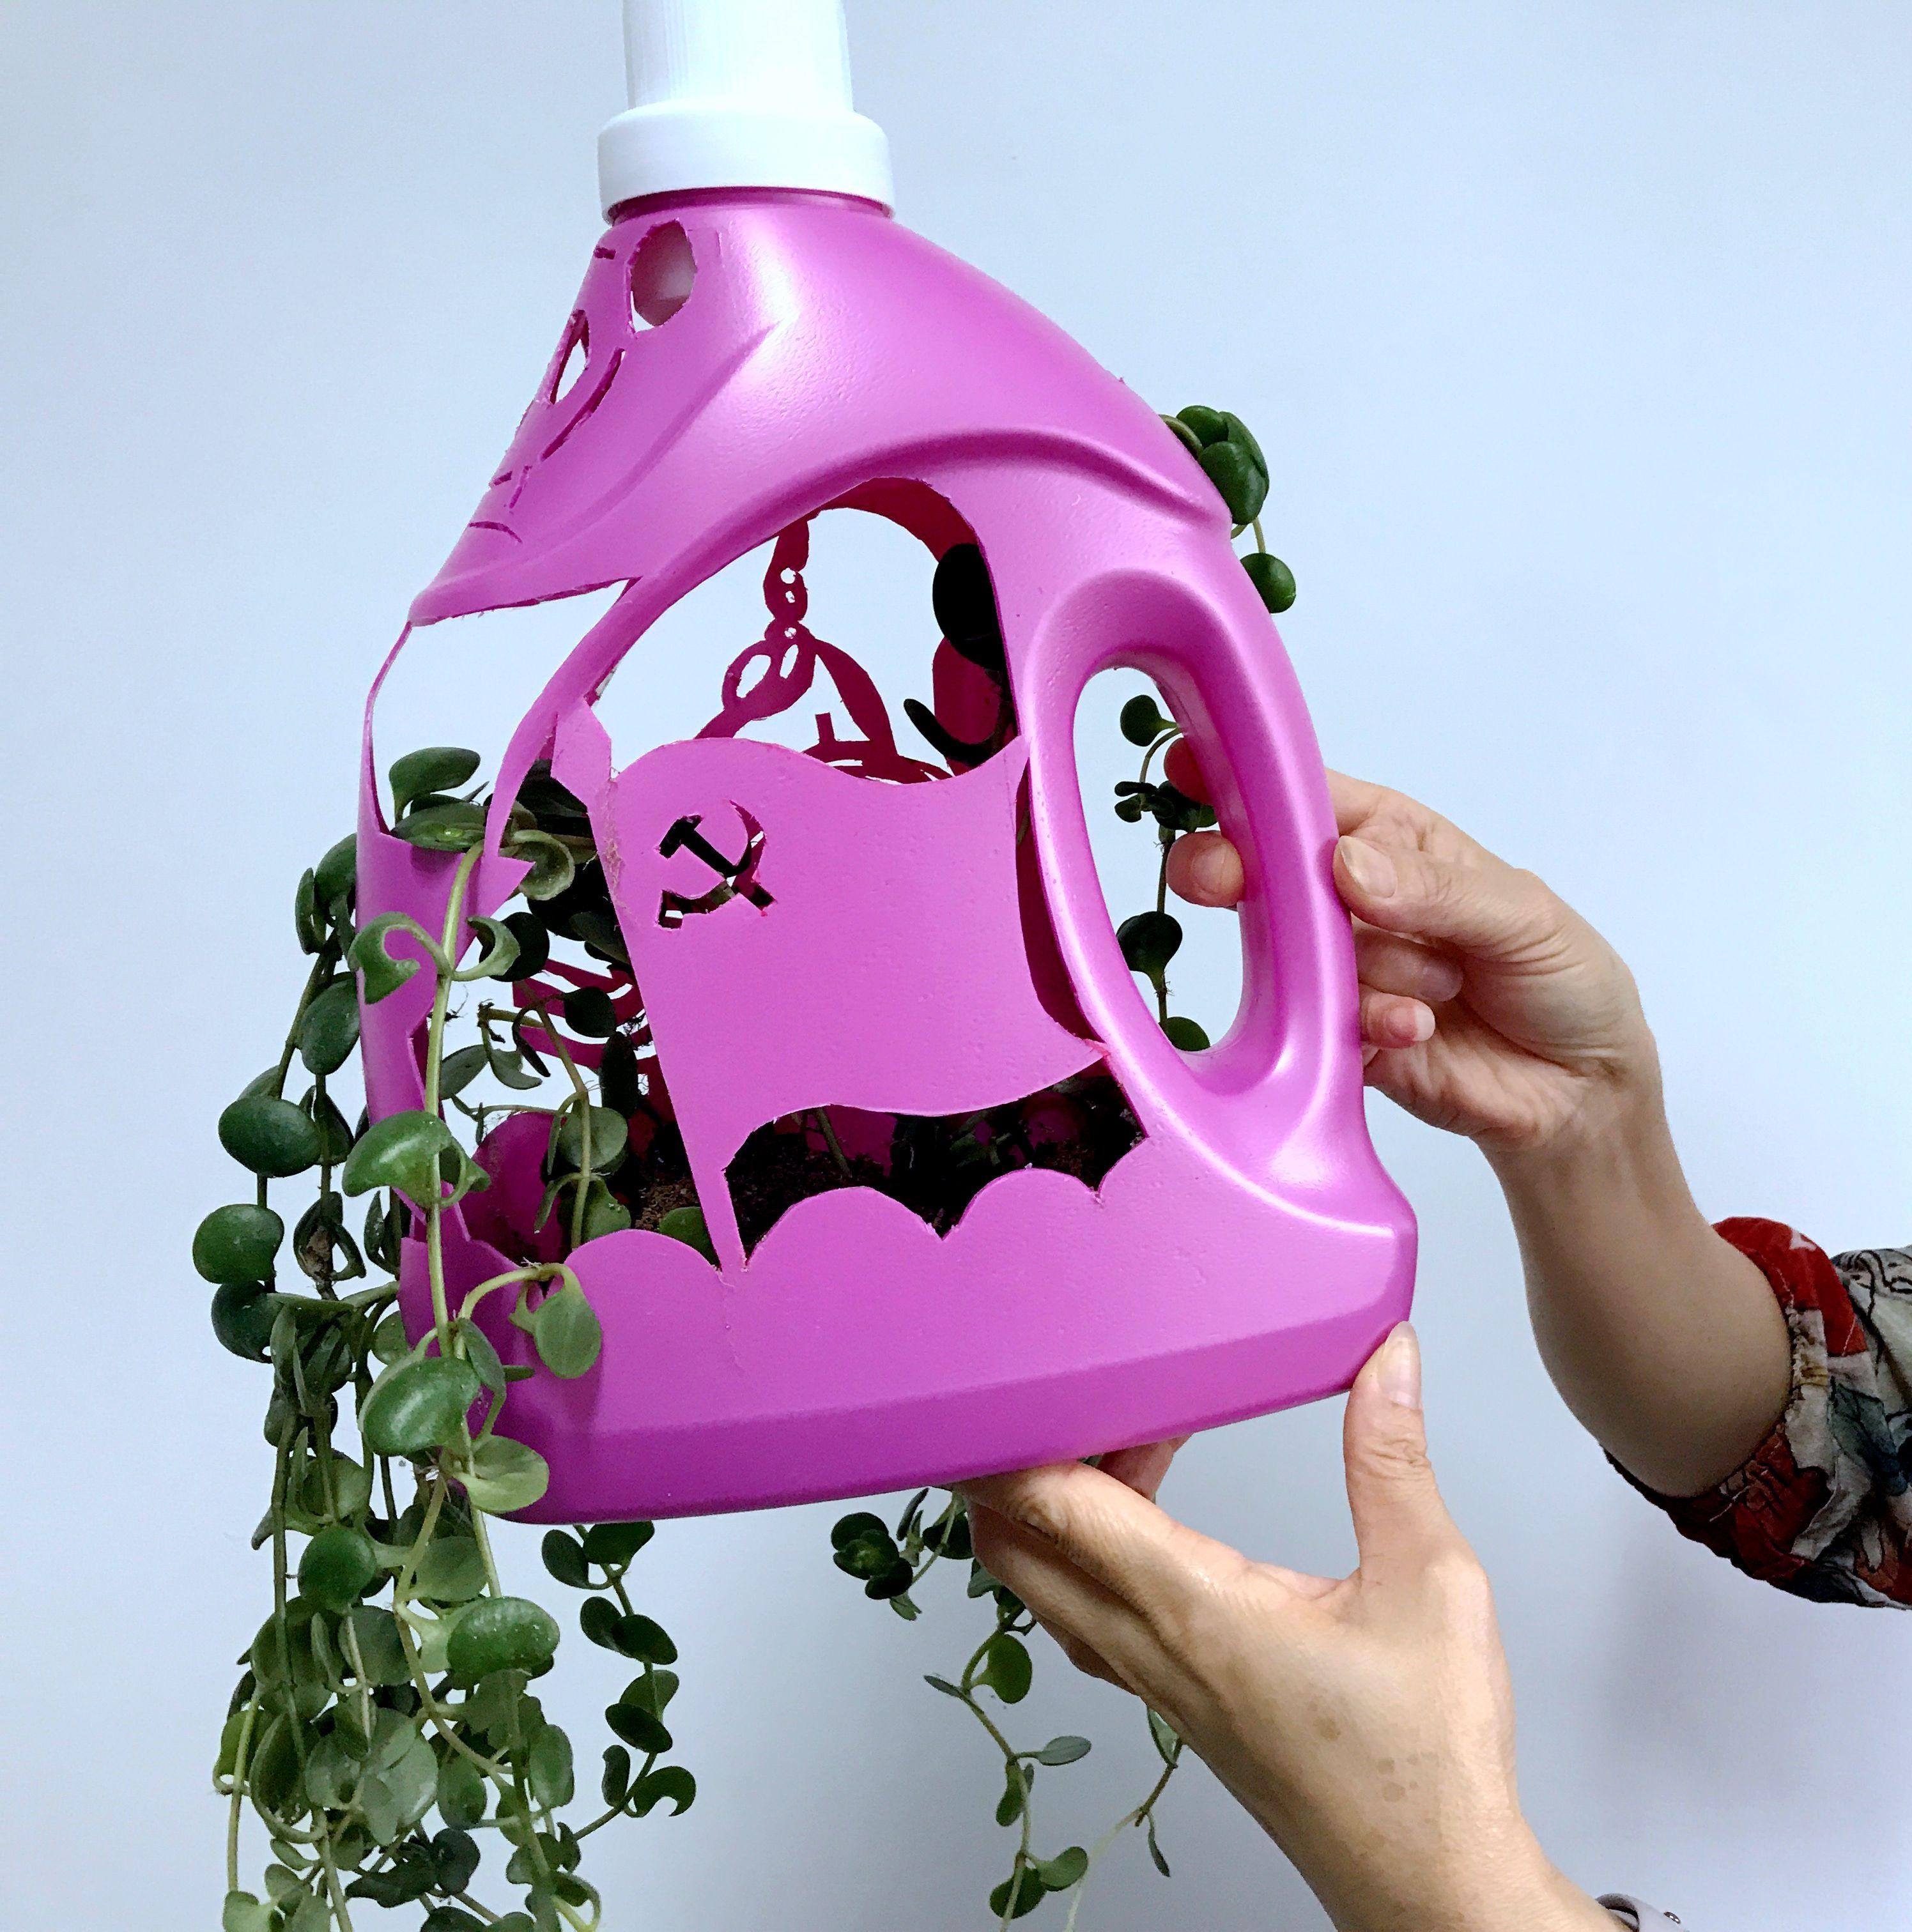 空洗衣液瓶子不要扔,只需几步就能变成漂亮的花盆 家务妙招 第2张